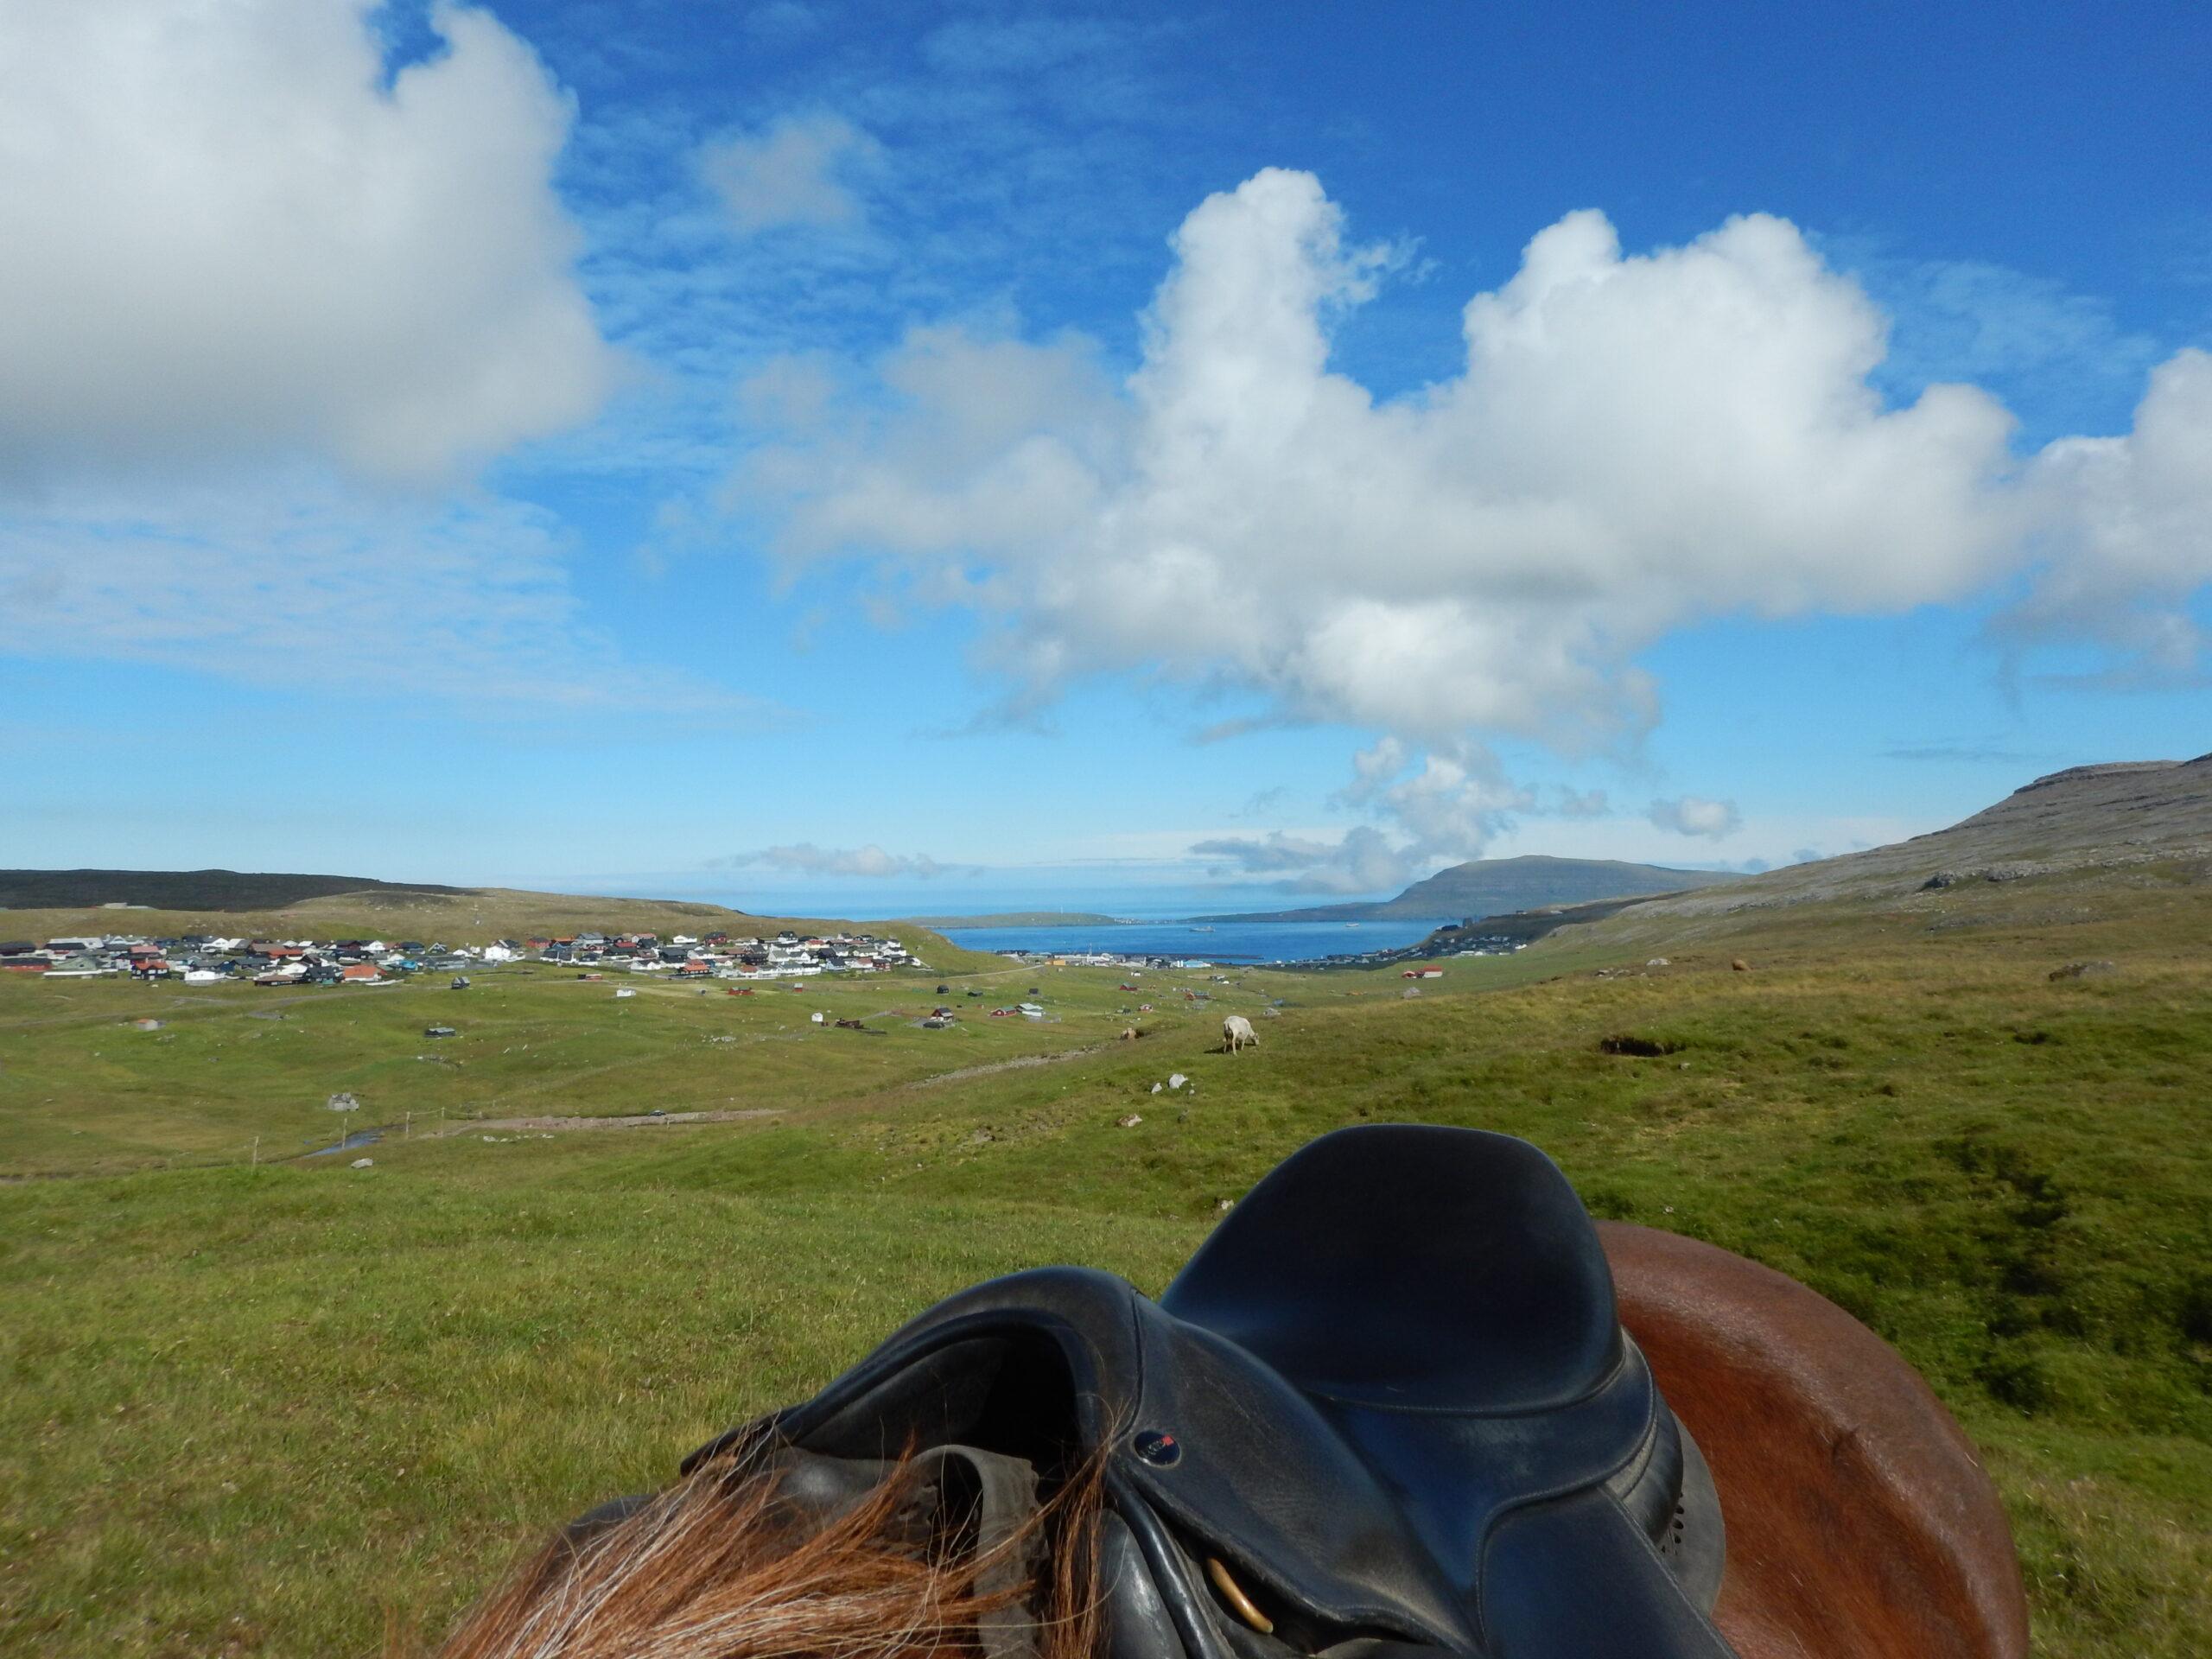 Paardrijden op de Faroer eilanden - Vakantie te paard / Reisbureau Perlan